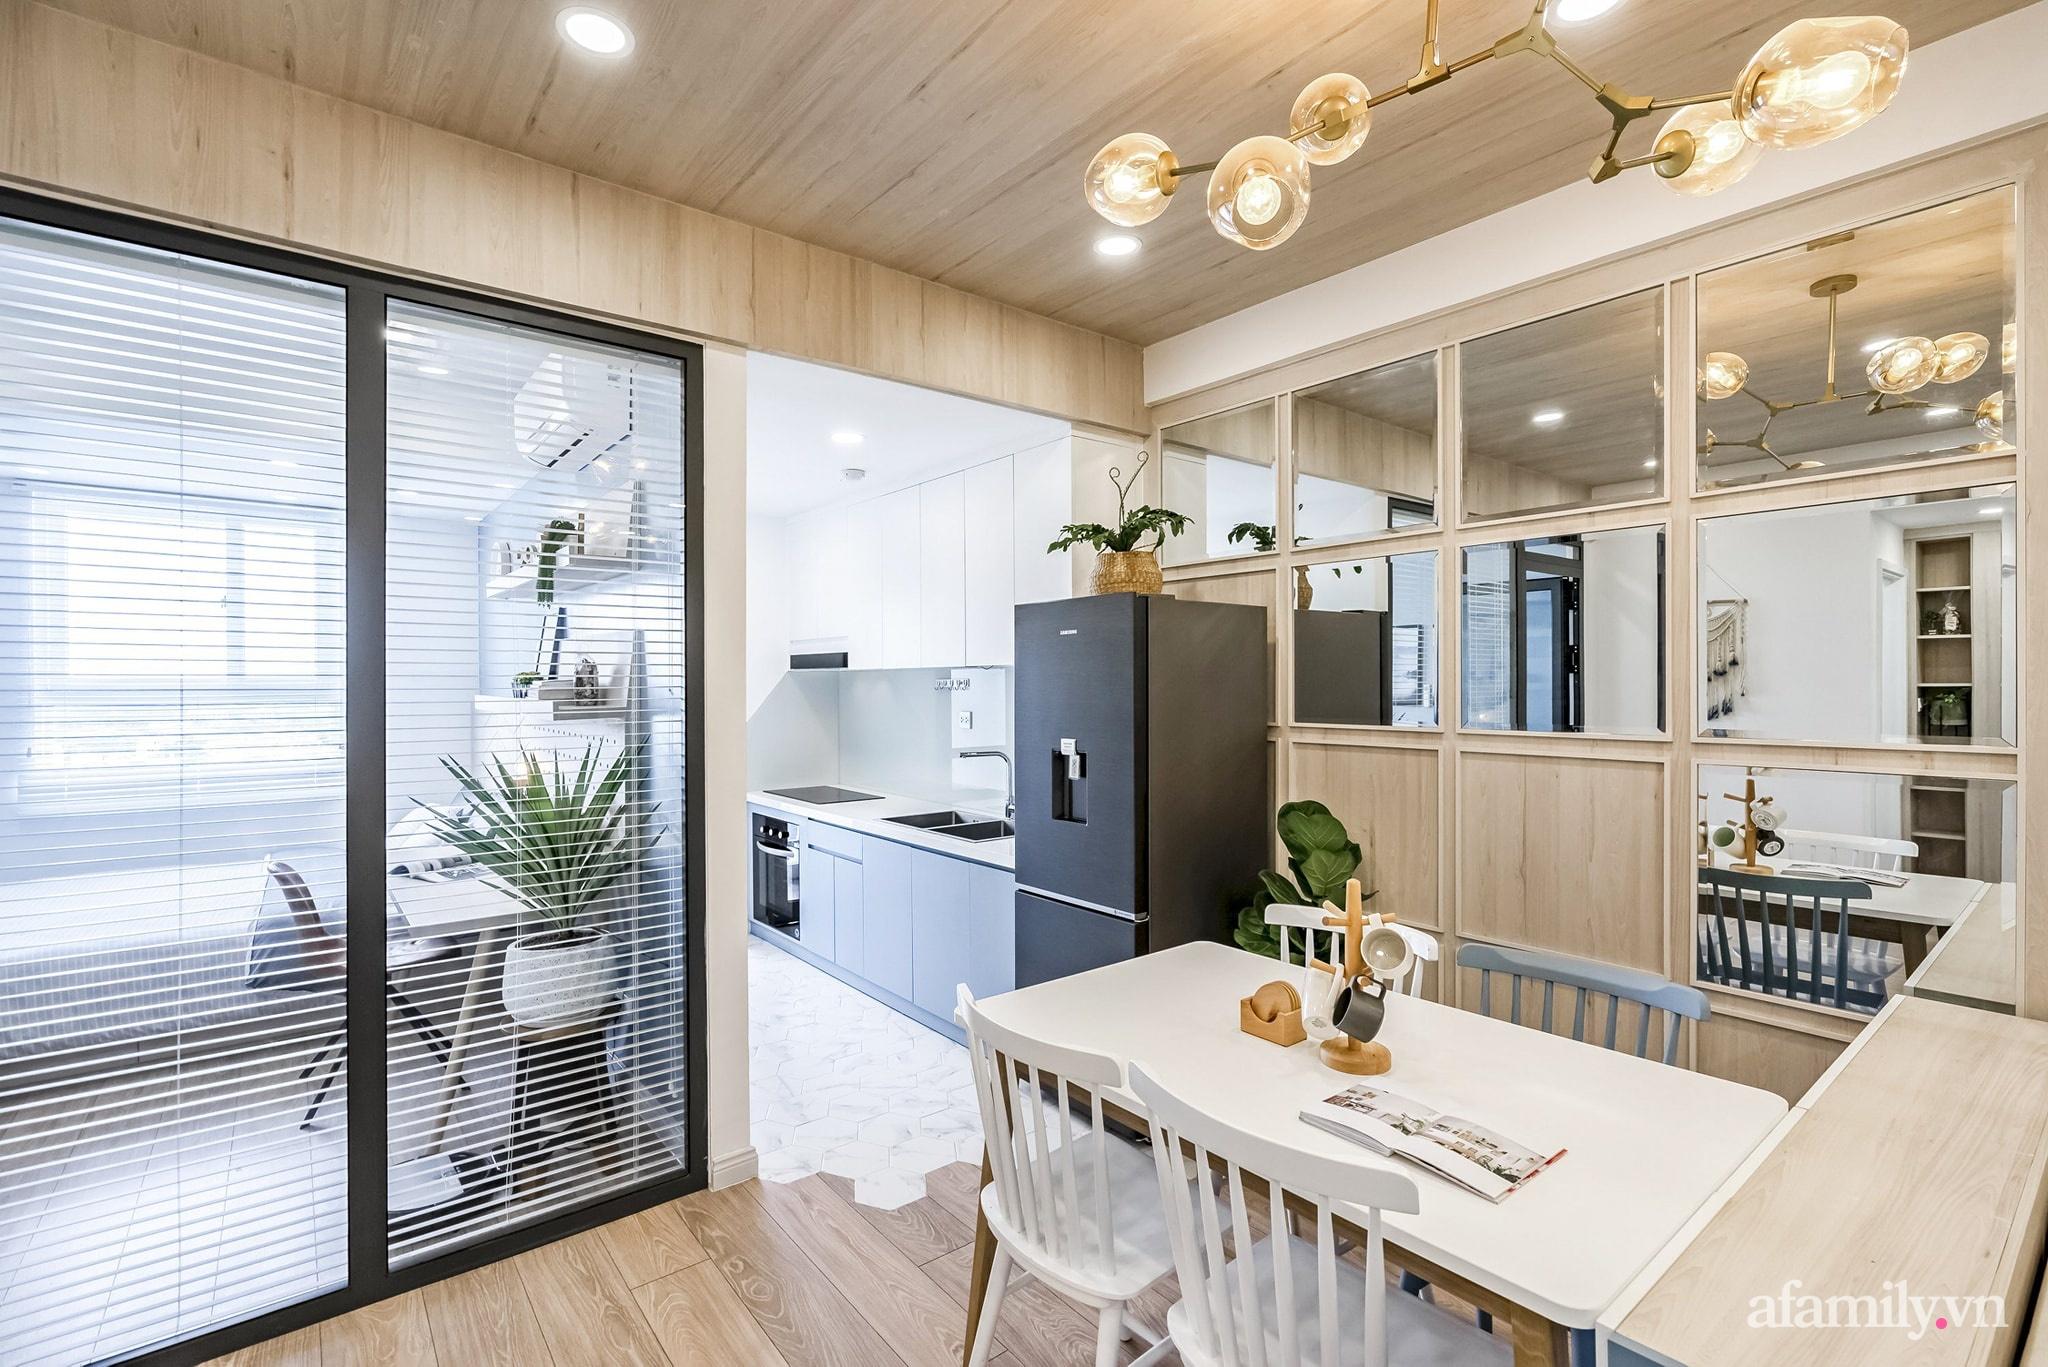 Căn hộ 65m² màu xanh yên bình của chàng trai quyết tâm mua nhà trước tuổi 30 ở Sài Gòn - Ảnh 14.